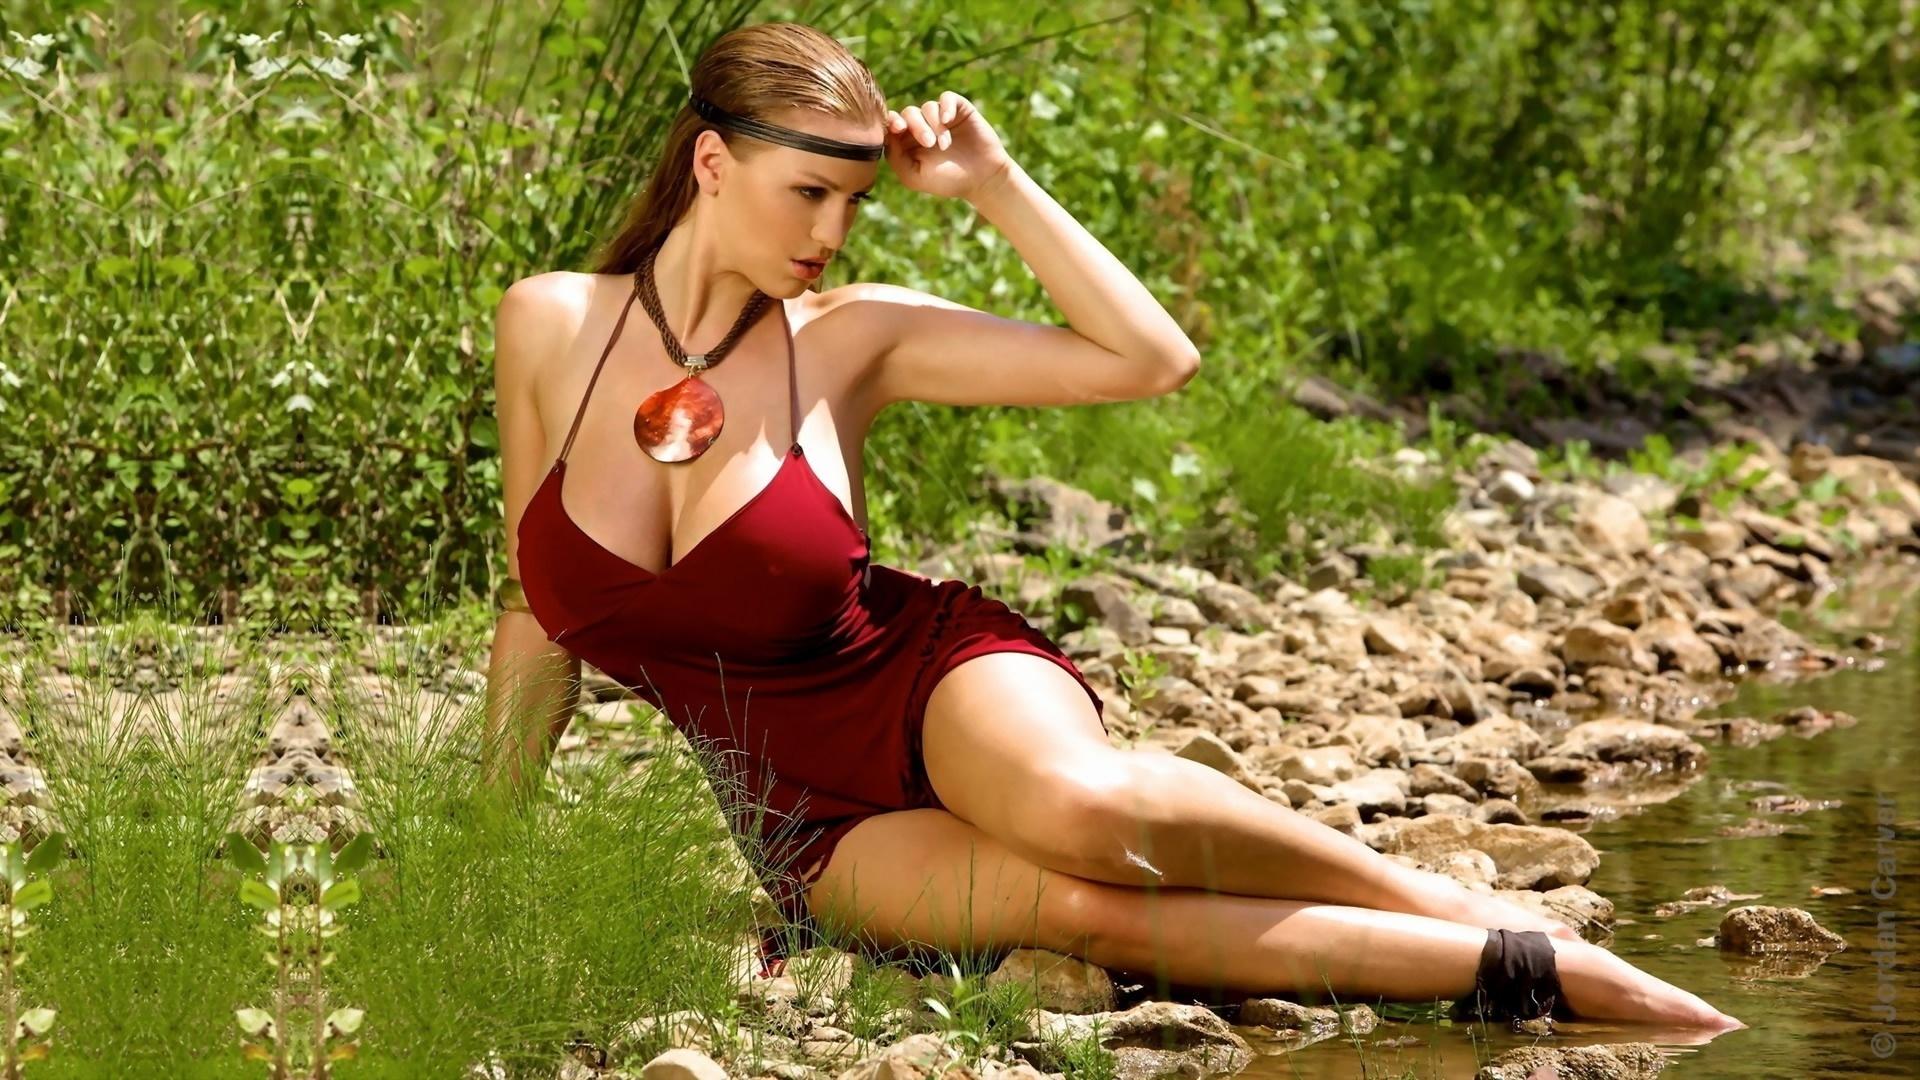 Фото грудь с большим разрешением 15 фотография